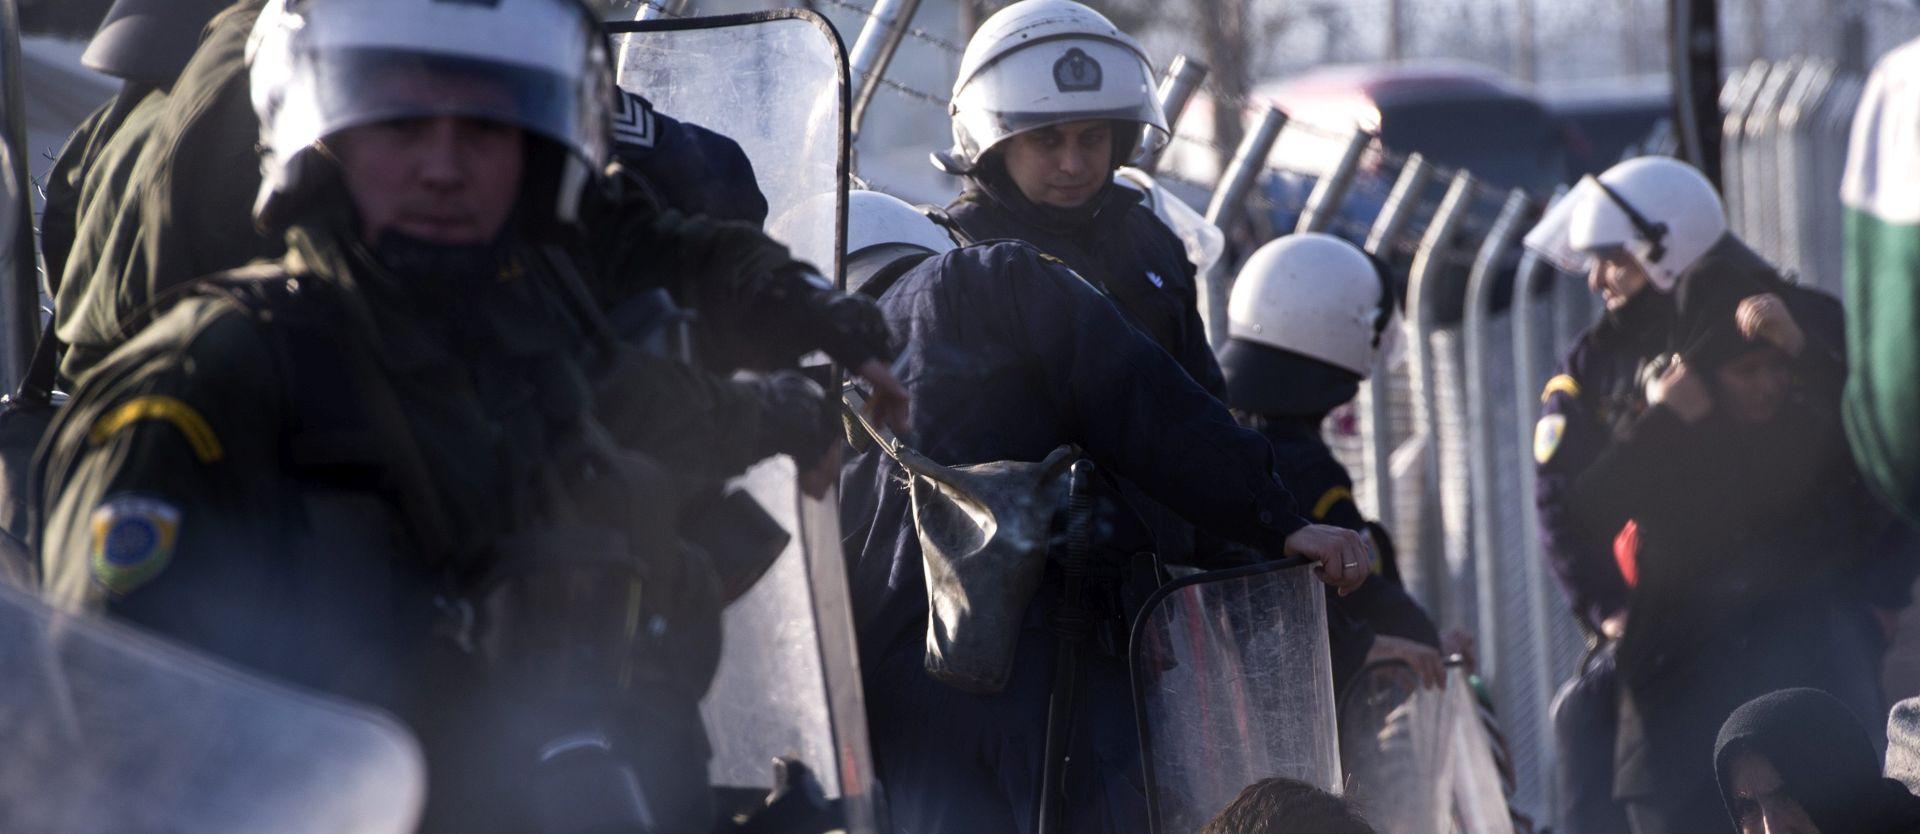 KAOS U GEVGELIJI: Izbjeglice probili ogradu, makedonska policija odgovorila suzavcem